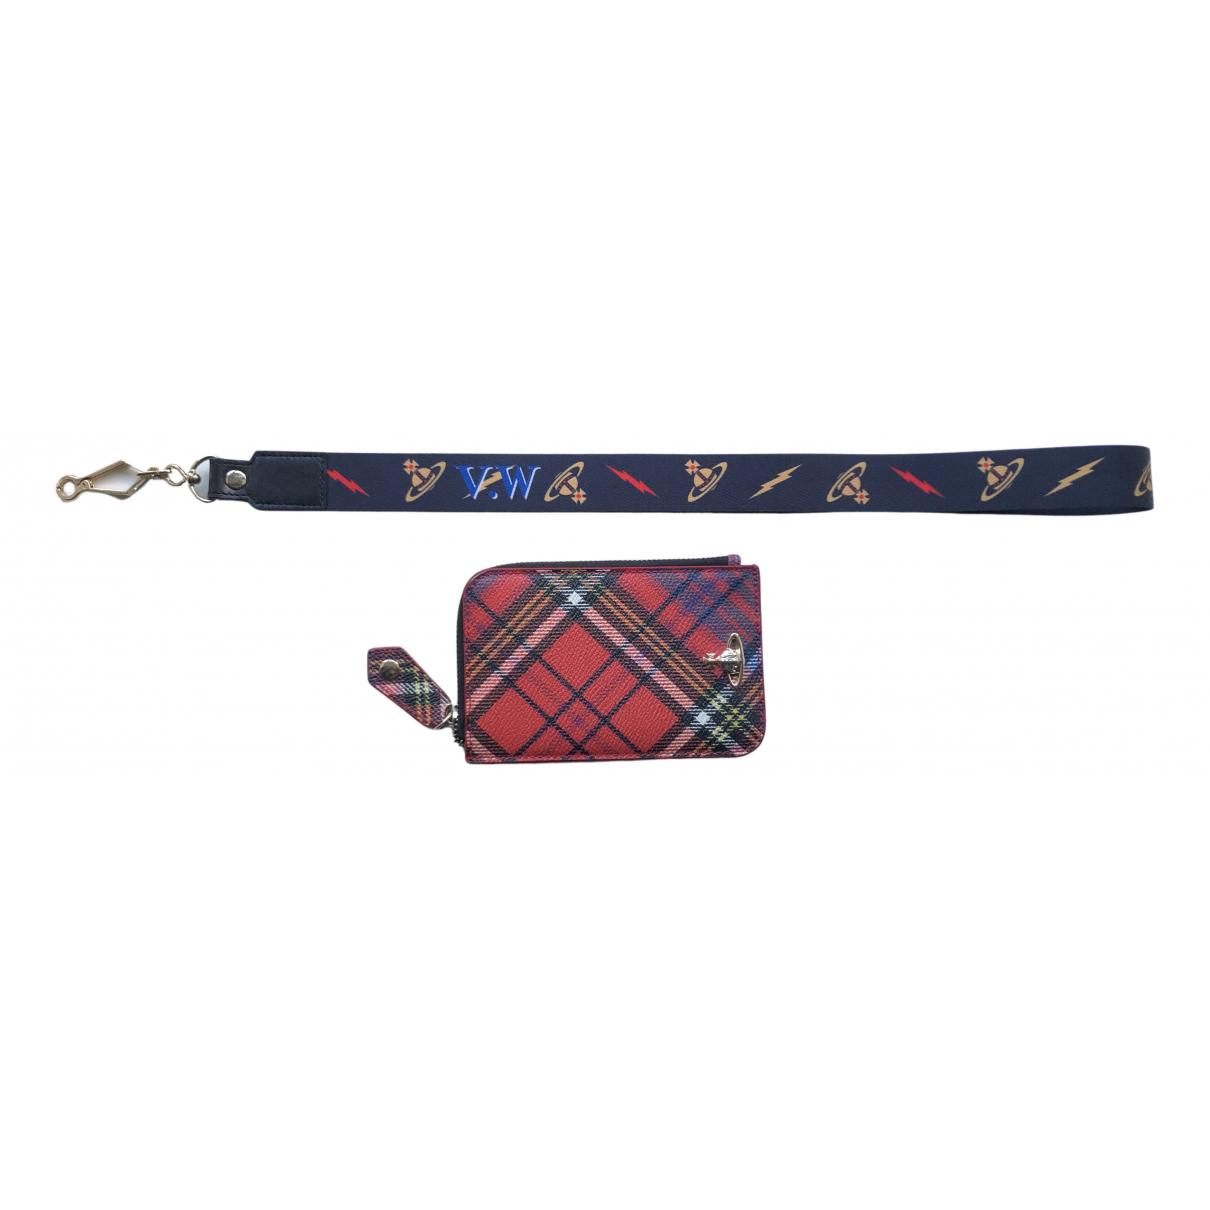 Vivienne Westwood N Red Purses, wallet & cases for Women N